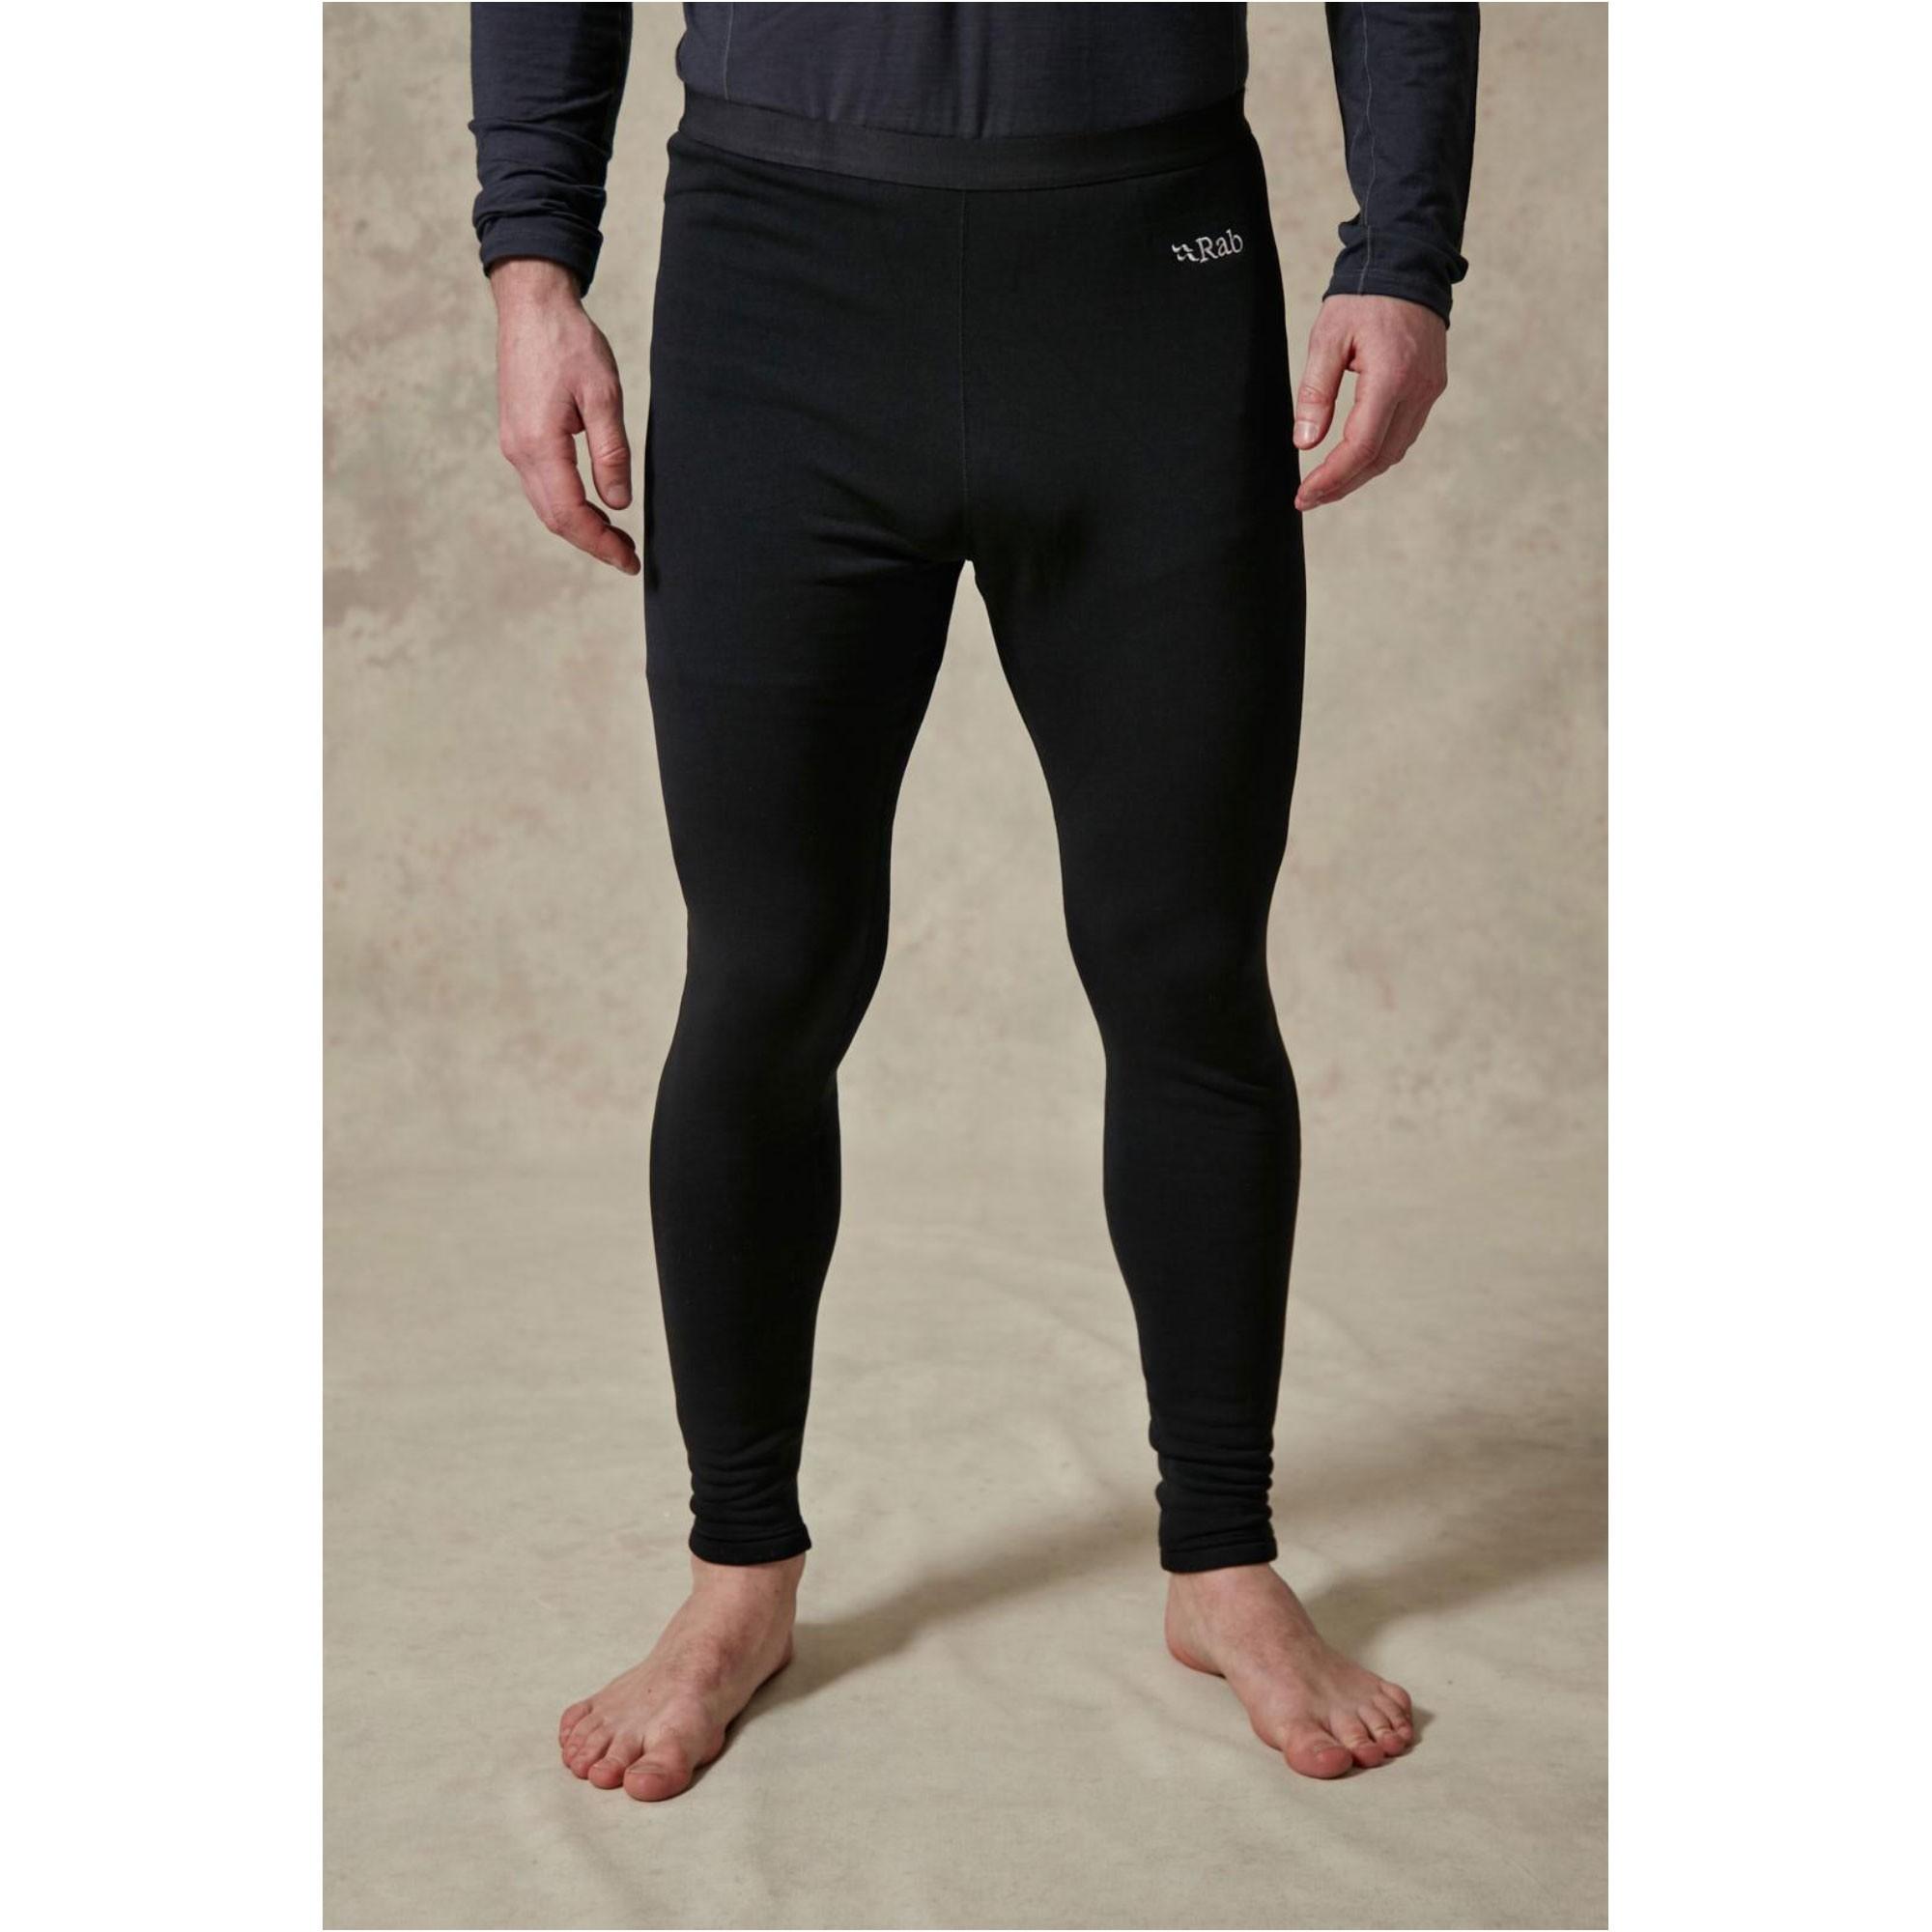 Rab Men's Power Stretch Pro Baselayer Pants - Black